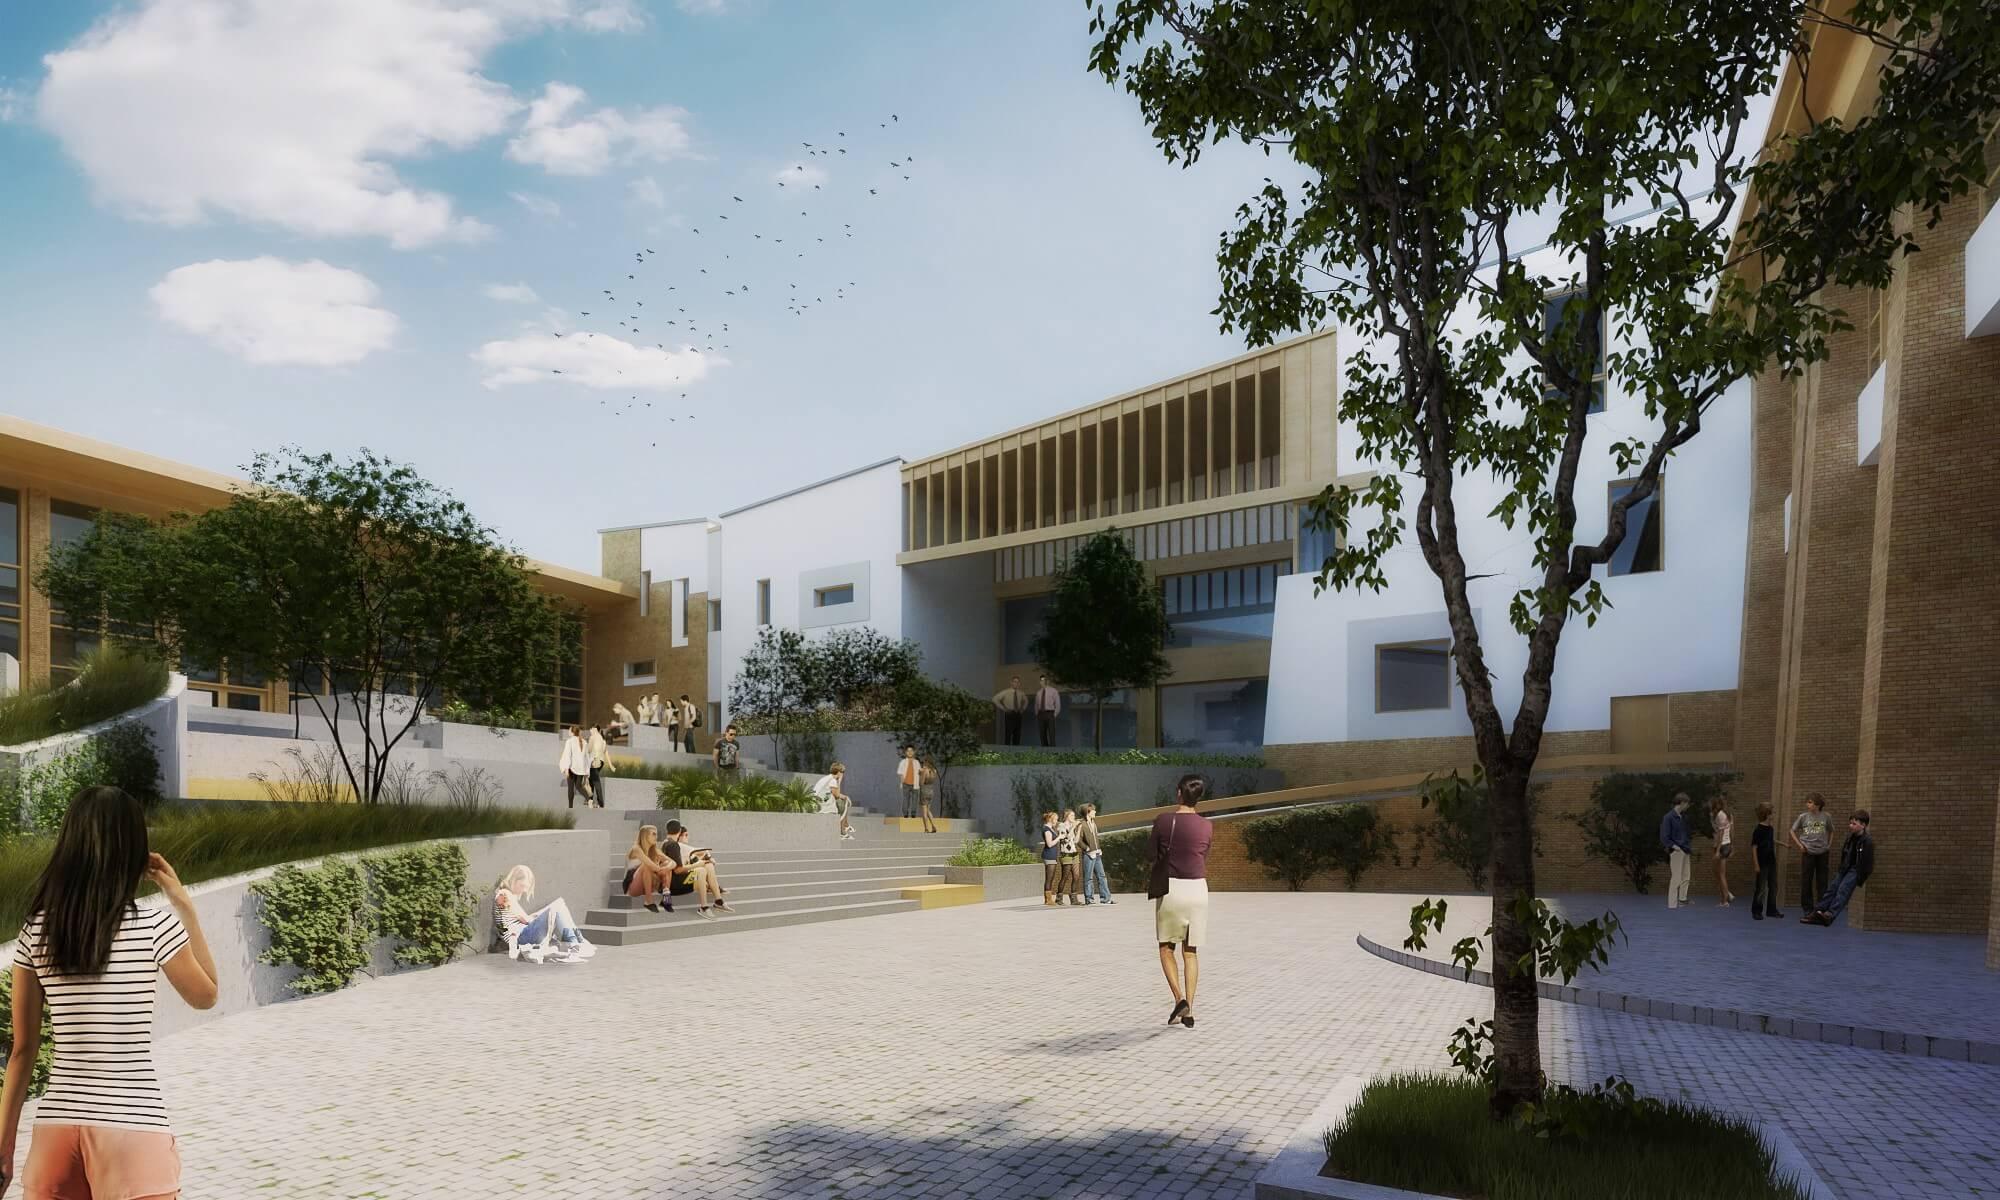 A fővárosi agglomerációban egy komplex oktatási intézmény születik